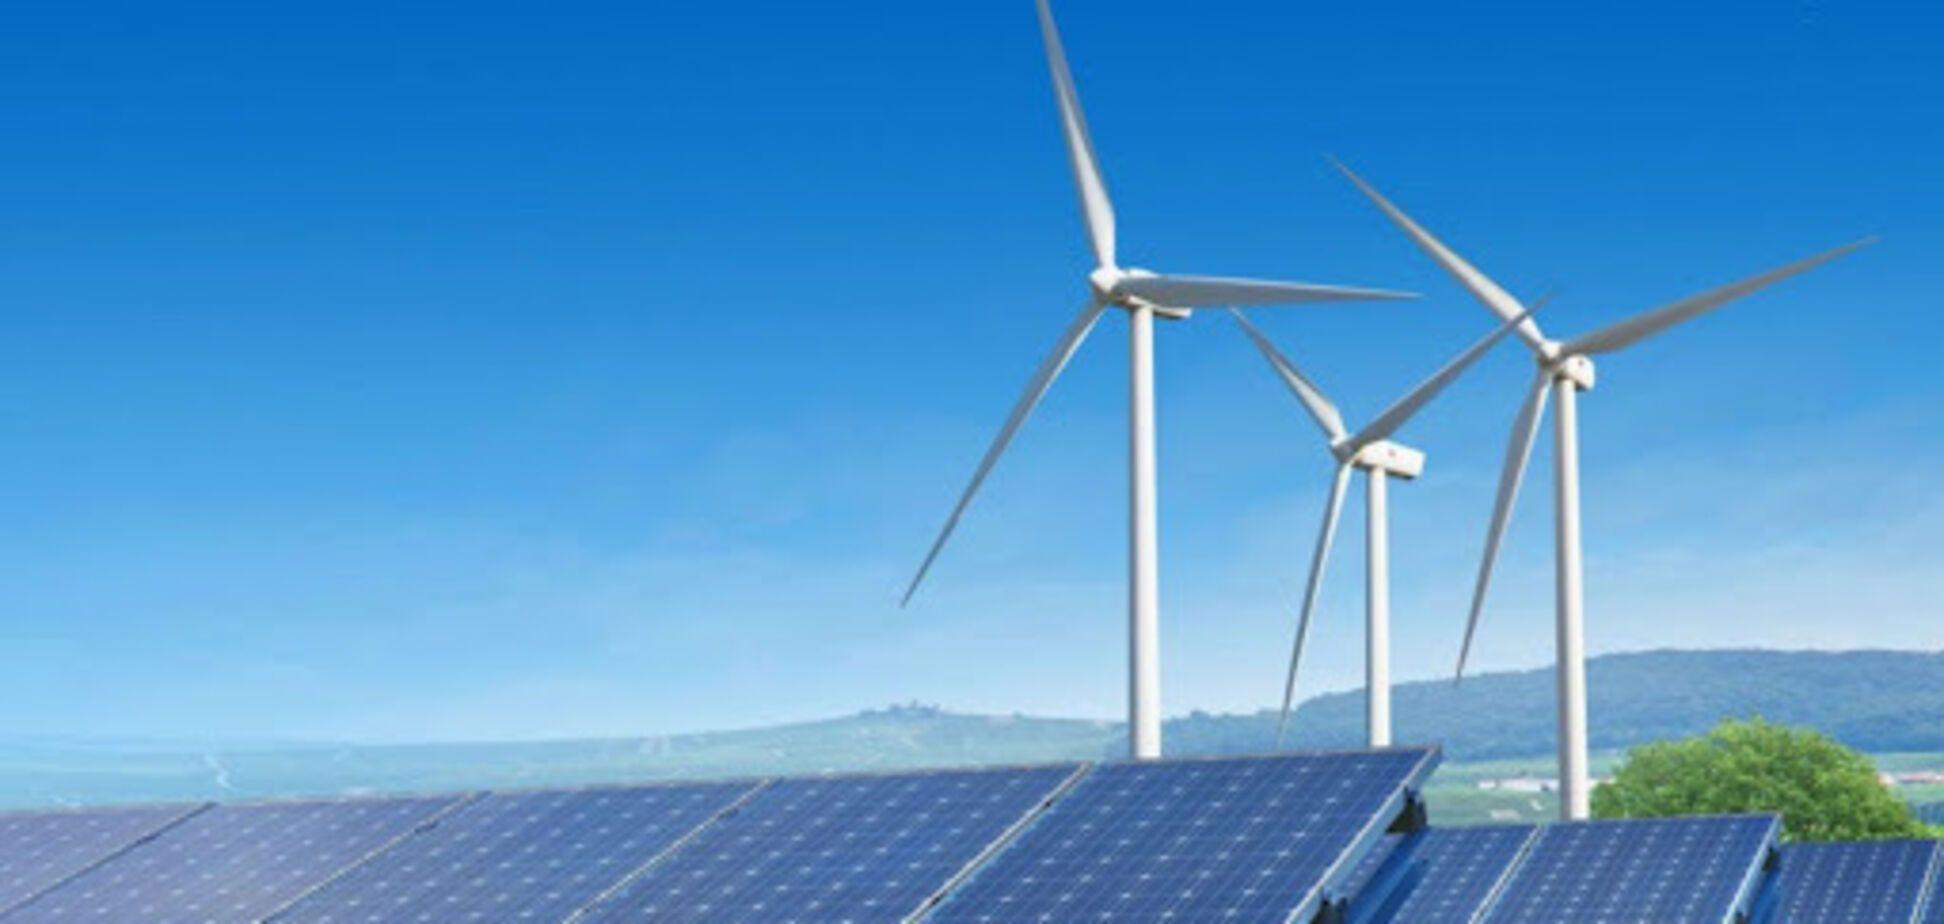 Політичні перепони не повинні заважати розвитку 'зеленої' енергетики в Україні – інвестори